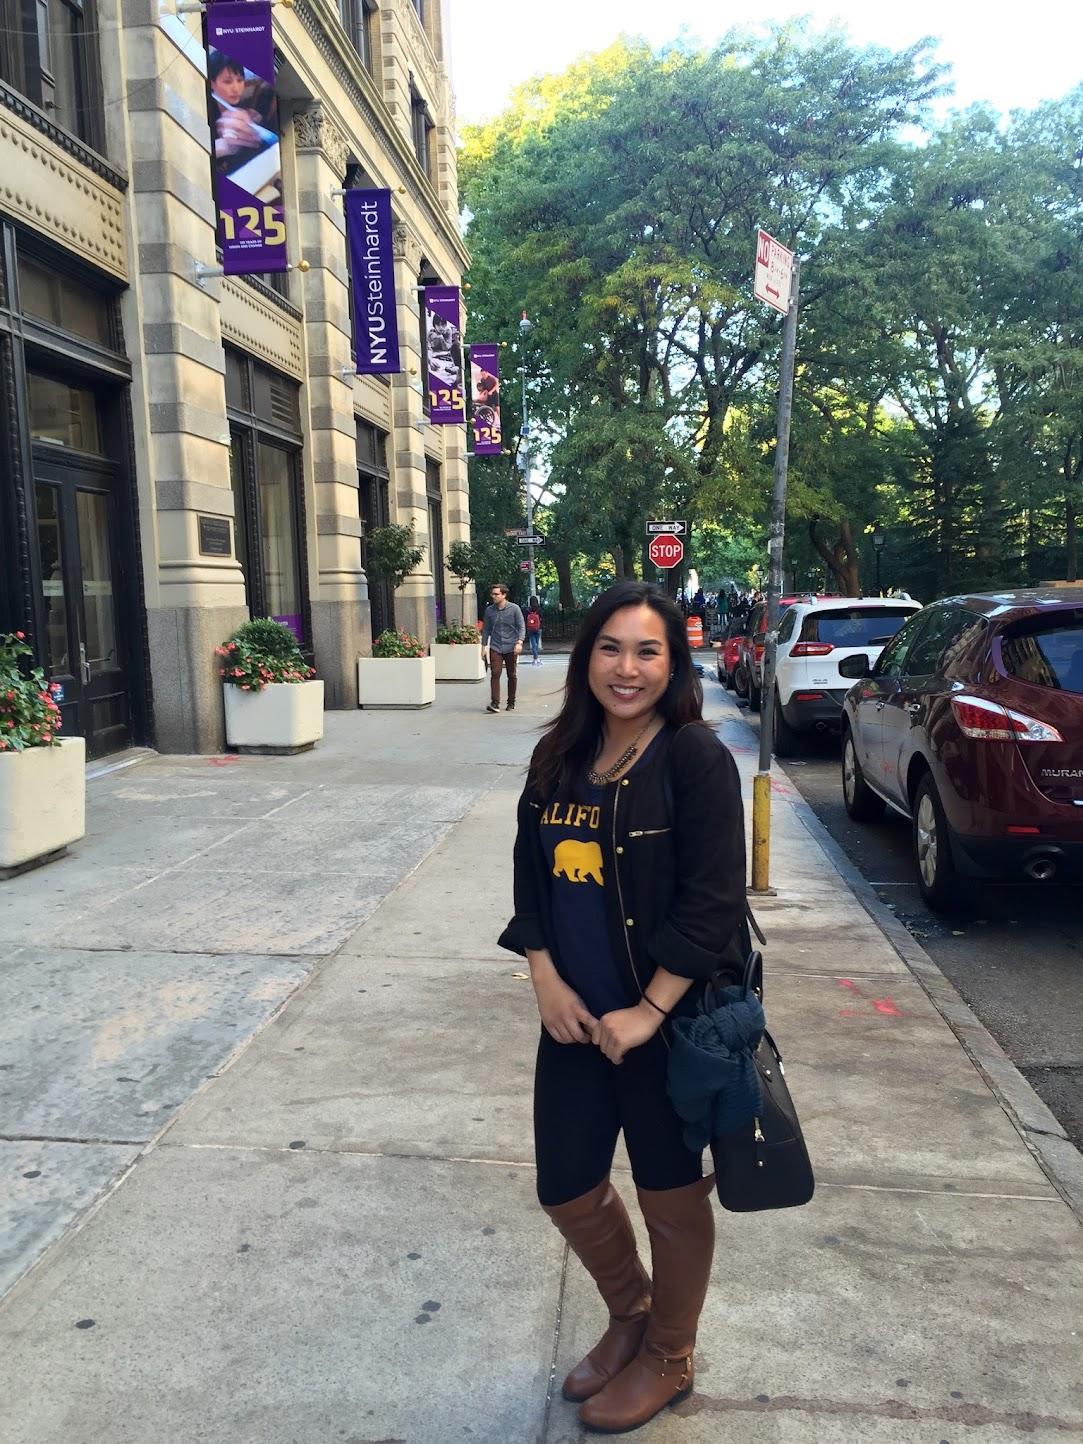 Outside of NYU Steinhardt